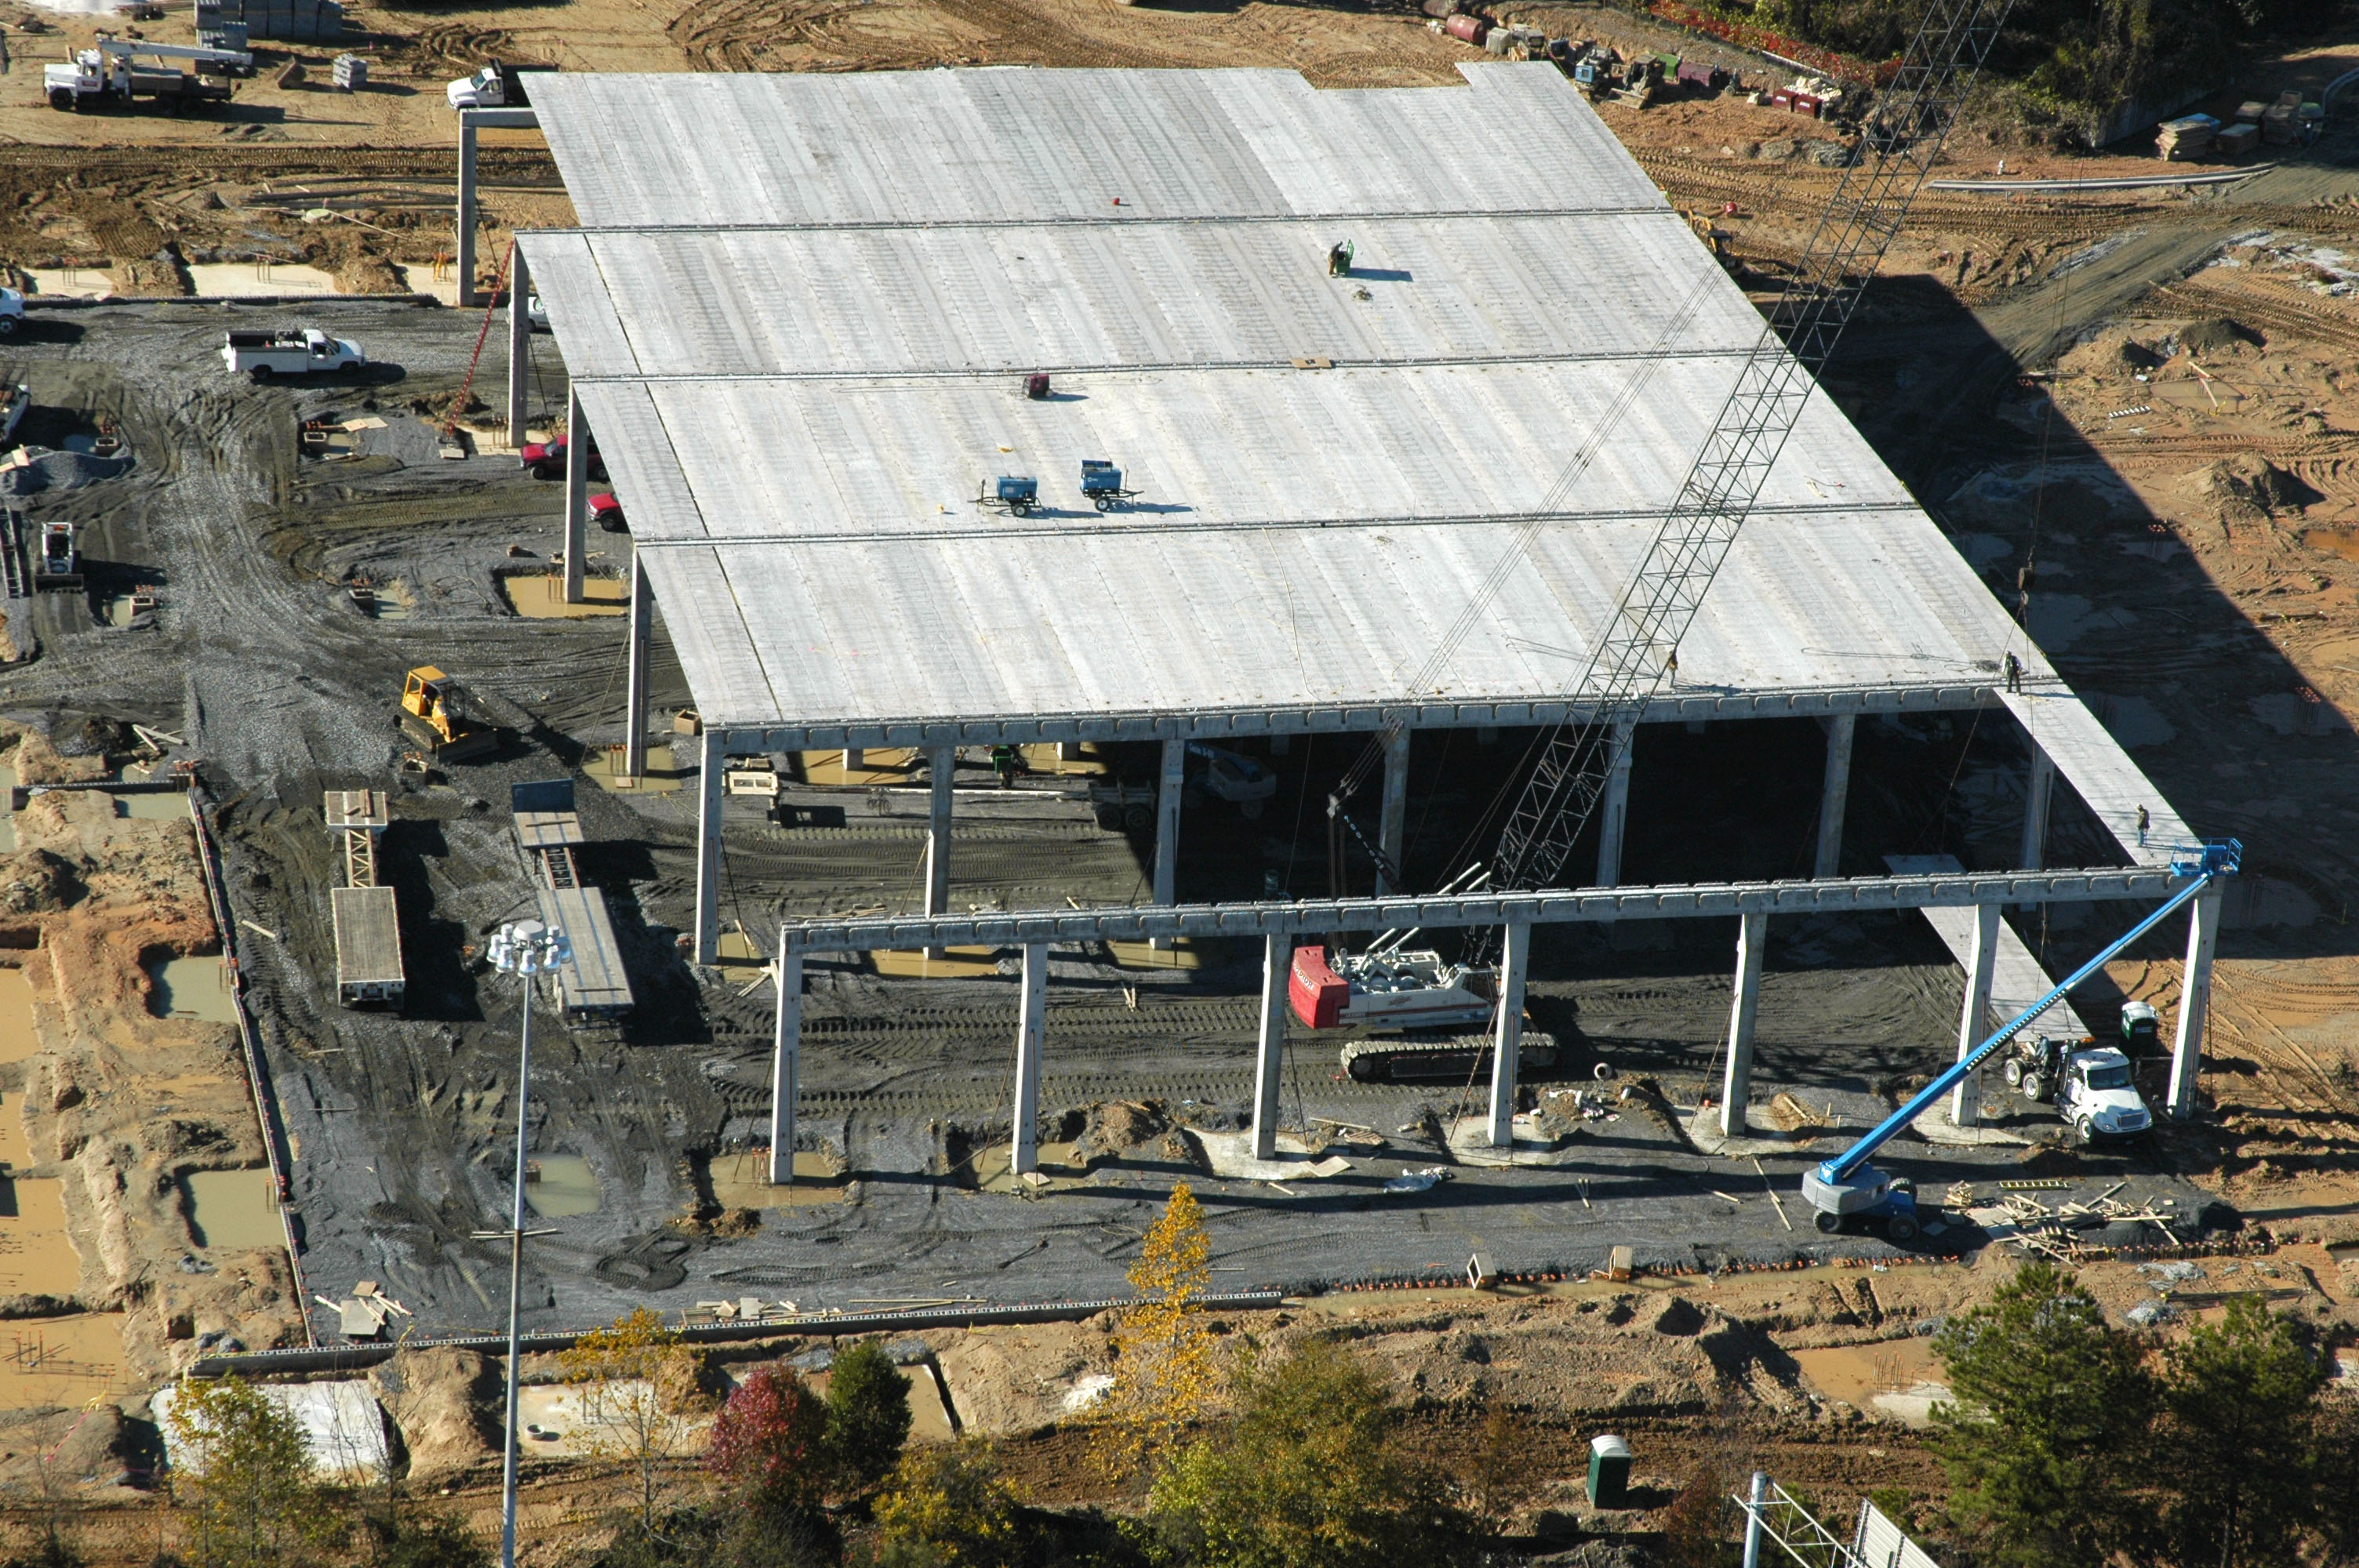 Construções industriais: fábricas de alimento devem concluir 105 plantas até 2015.